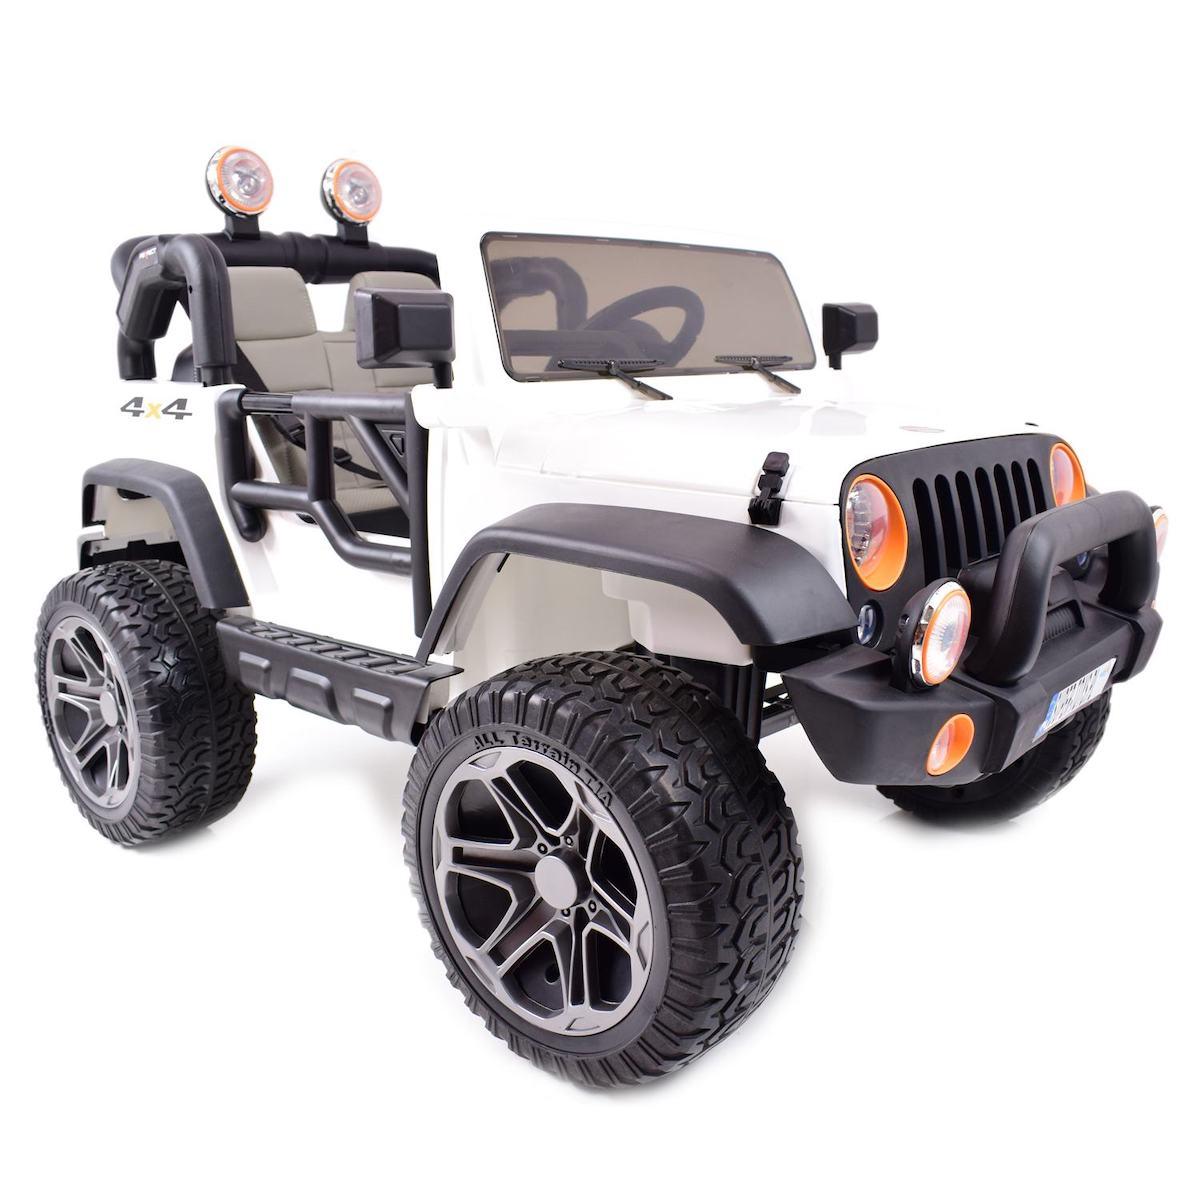 b2485f3ed41 Jeep Mega | Jussike | laste elektriautod, mänguasjad lastele jpm